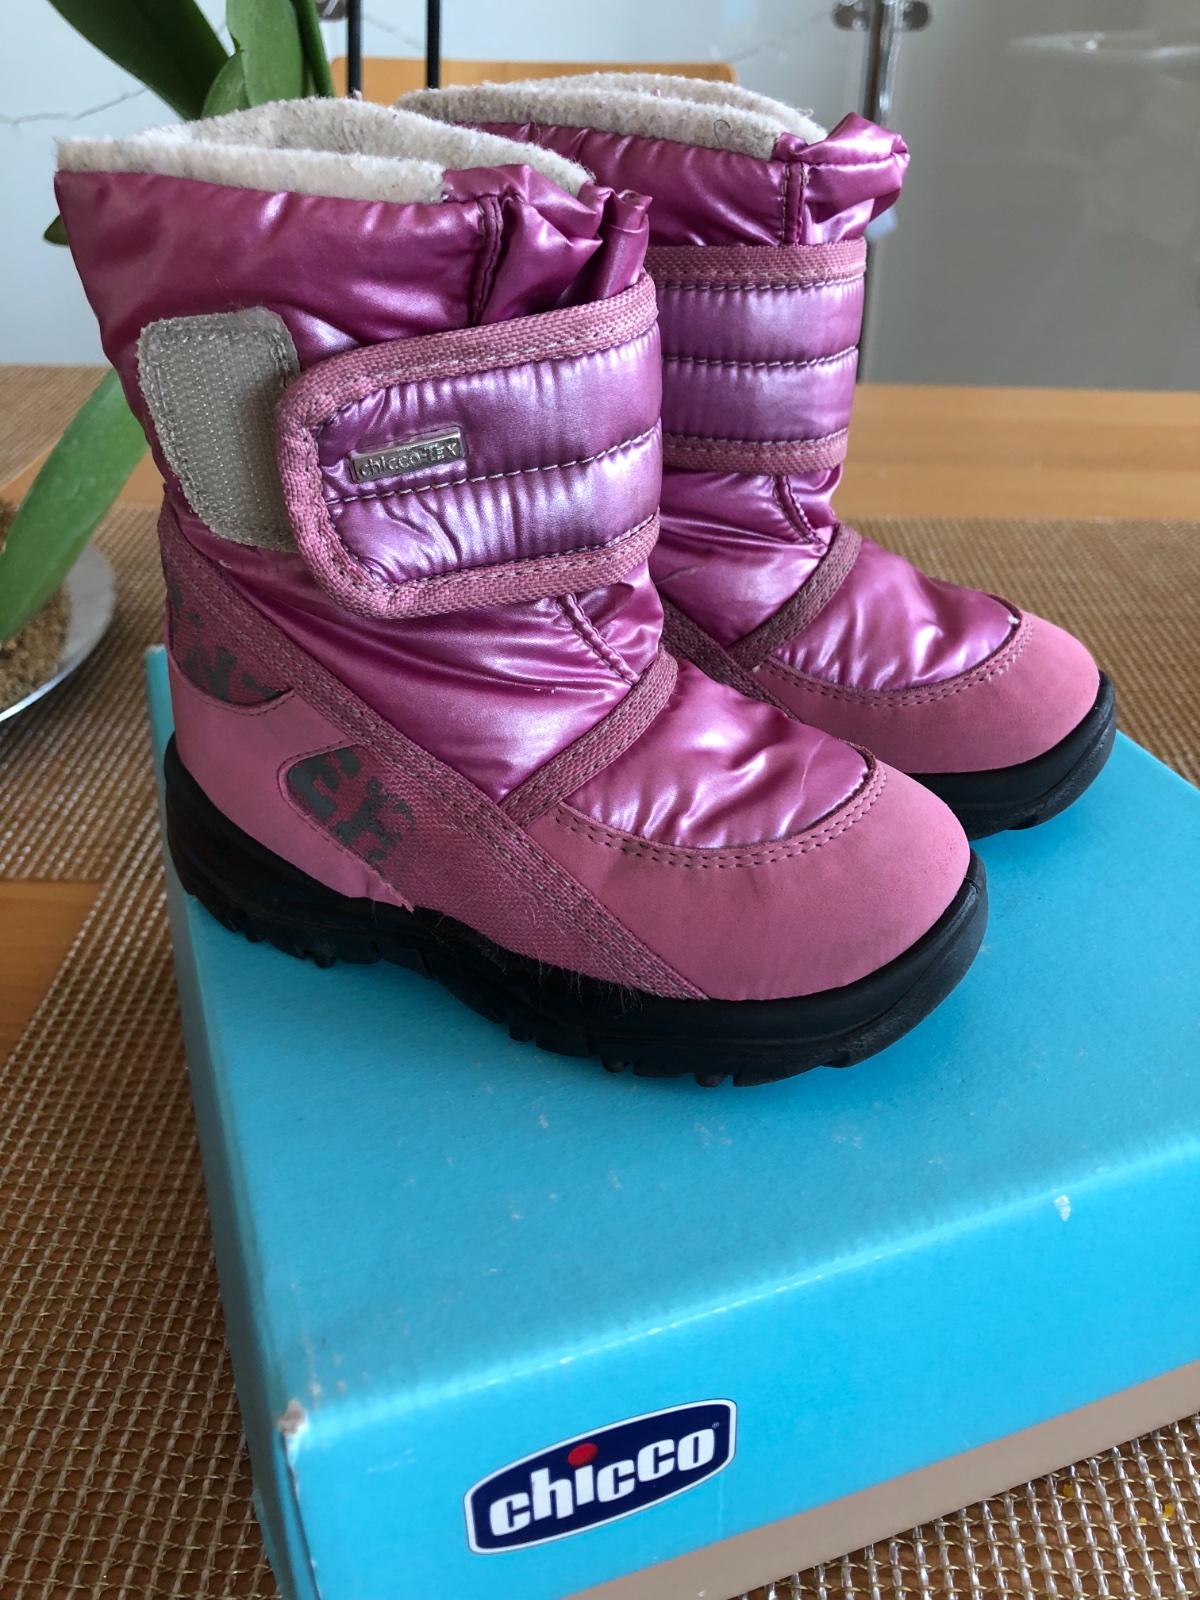 99cb3eea9abee Zimné topánky do snehu chicco, chicco,23 - 13 € od predávajúcej mramorka |  Detský bazár | ModryKonik.sk